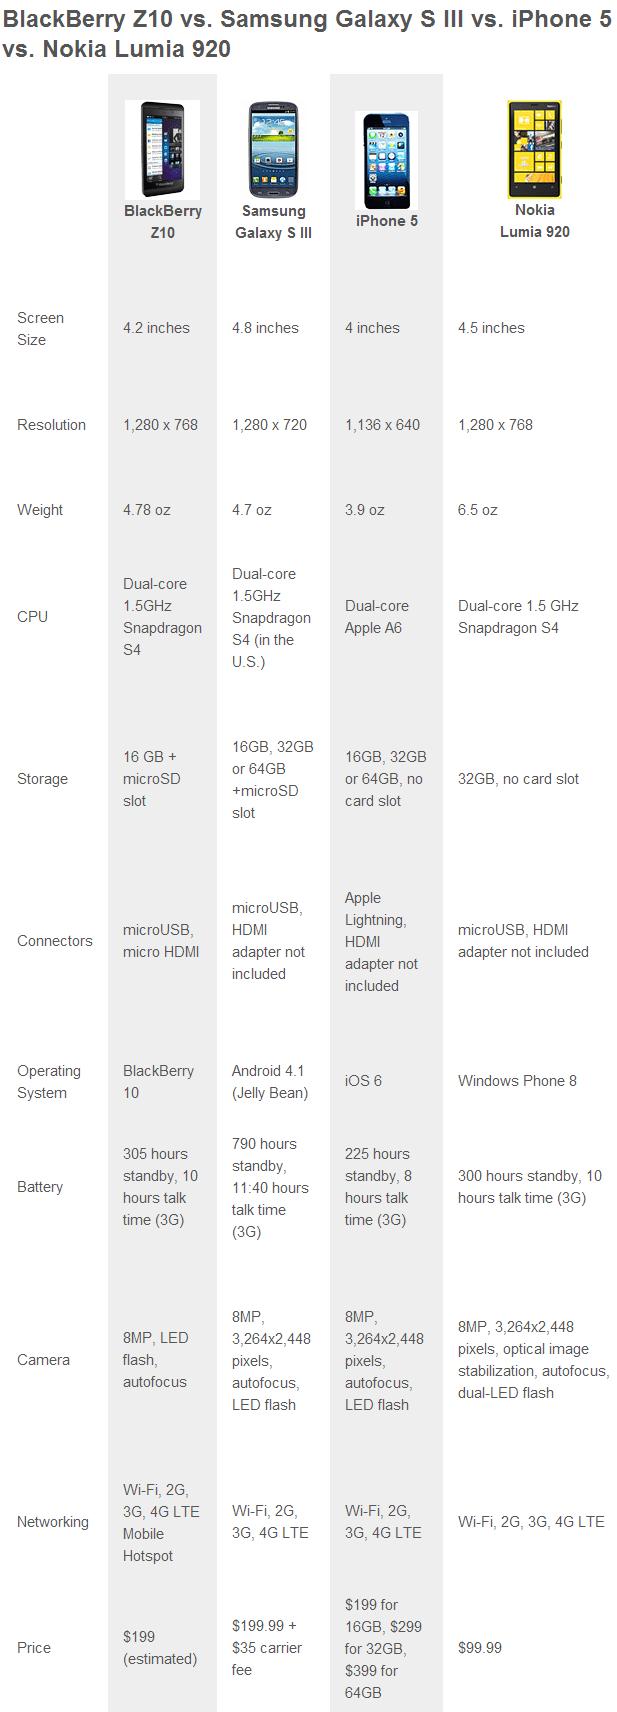 Ultimate Comparison: BlackBerry Z10 vs. Samsung Galaxy S